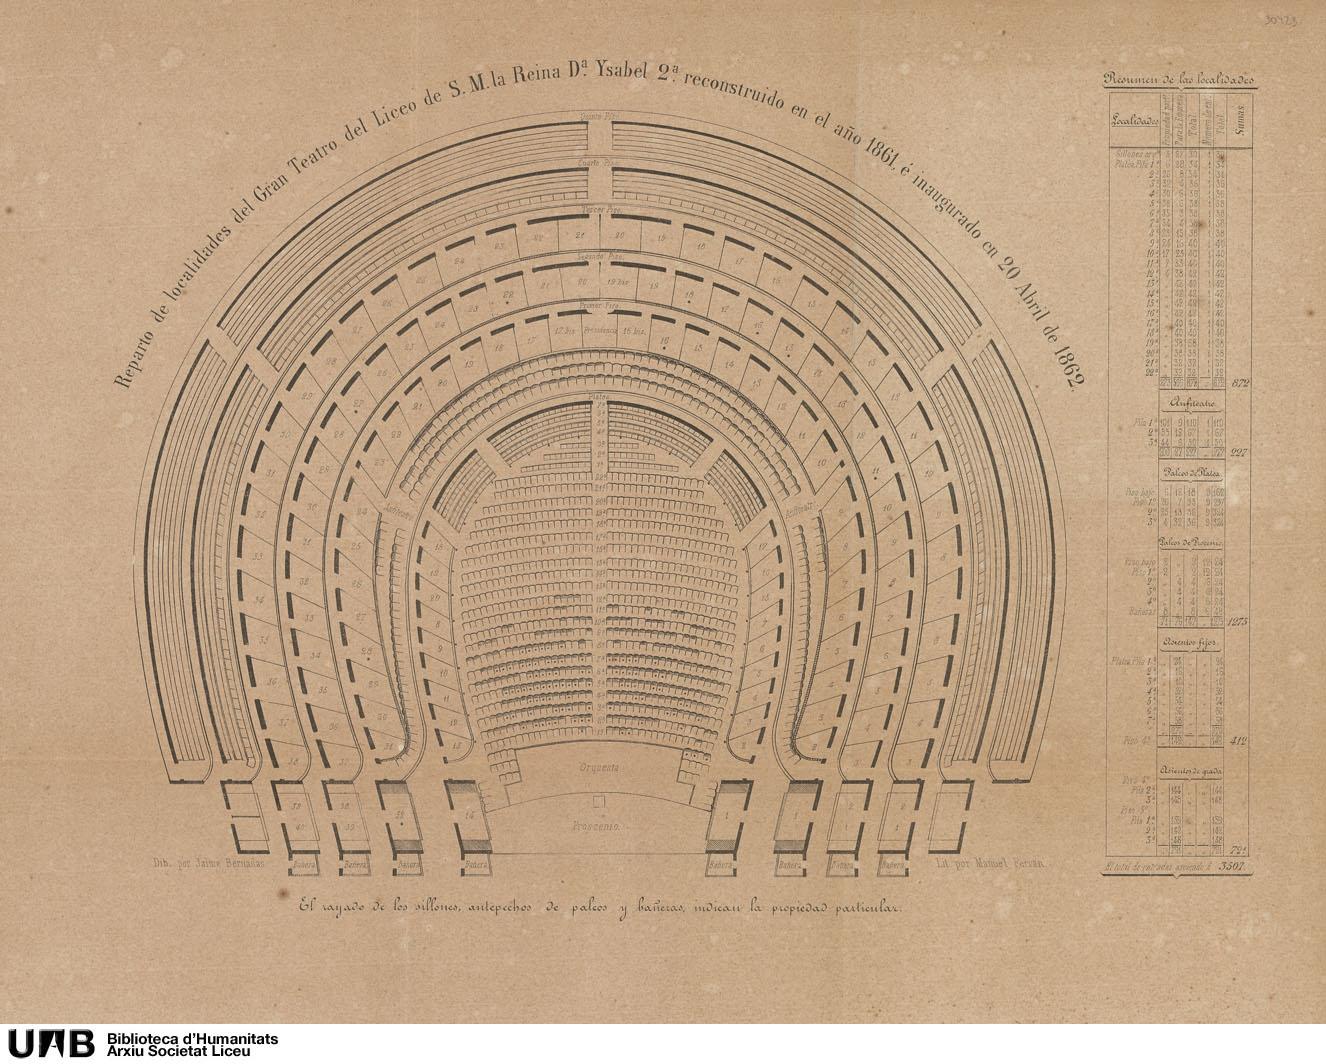 Reparto de localidades del Gran Teatro del Liceo de S.M. la Reina Dª Ysabel II reconstruido en el año 1861, e inaugurado en 20 Abril de 1862